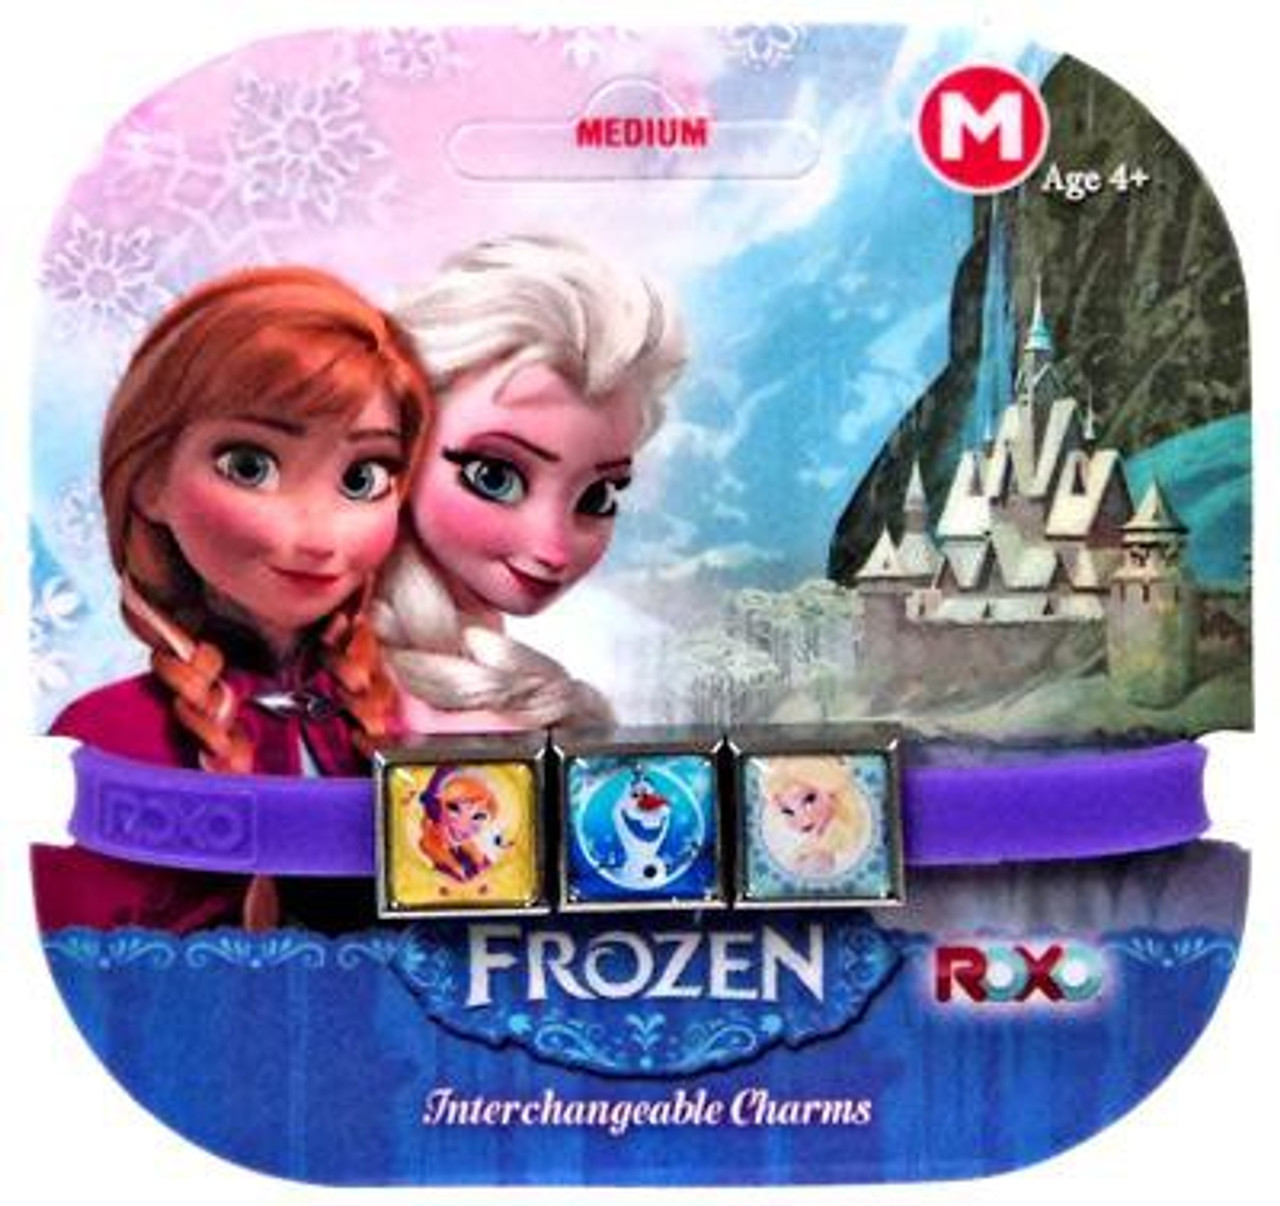 Disney Frozen Anna, Elsa & Olaf Charm Bracelet [Medium]